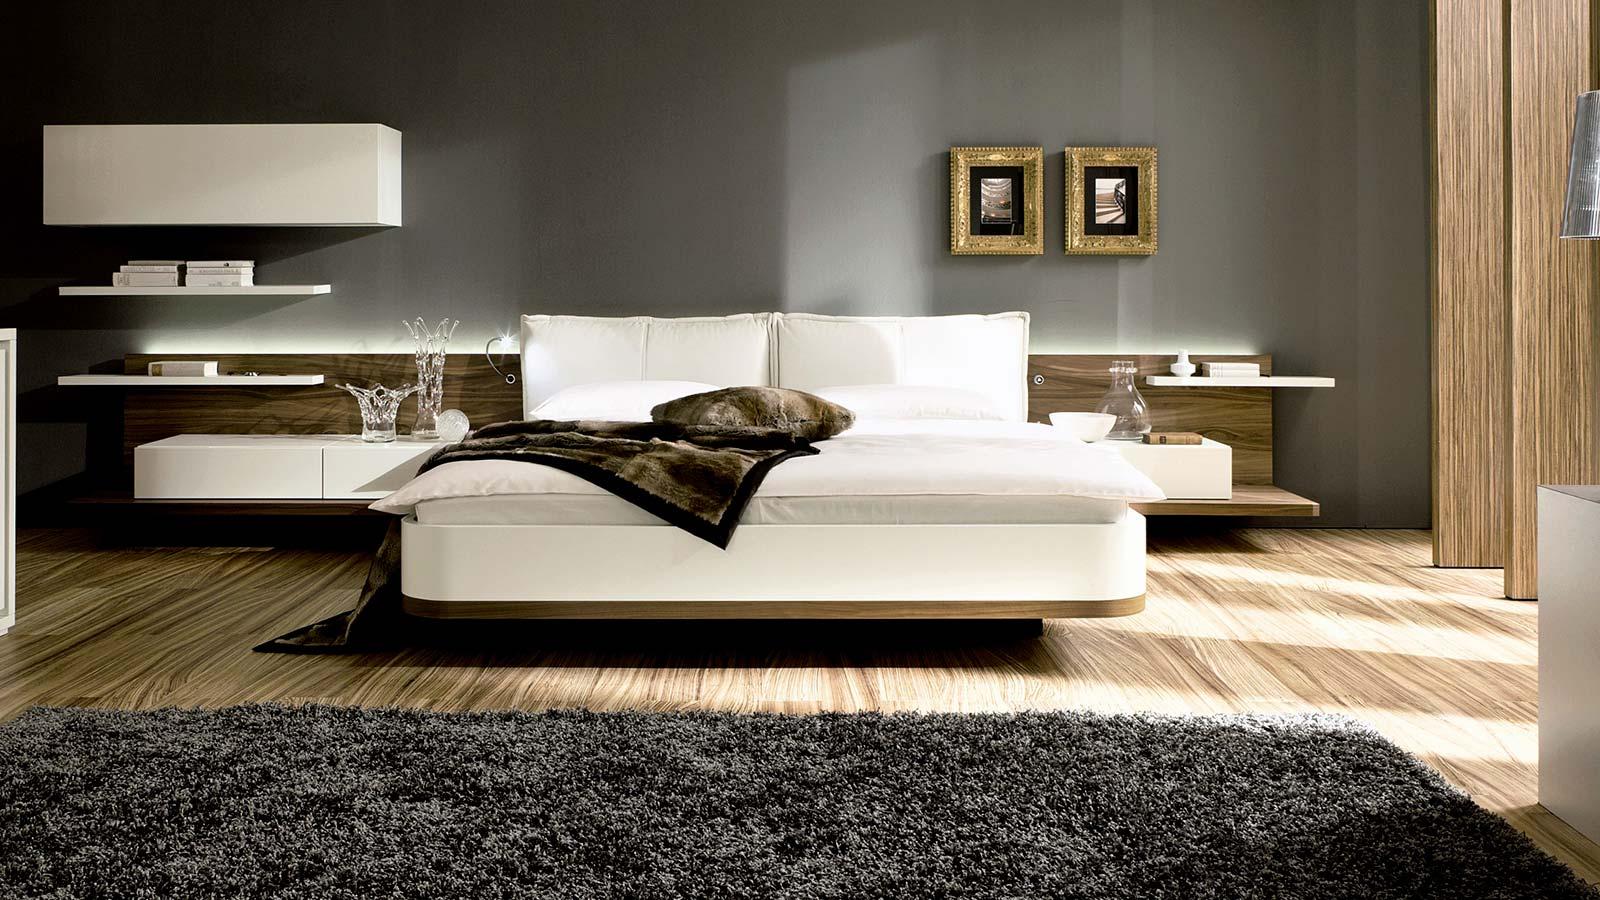 Купить мебель оптом от производителя с гарантией